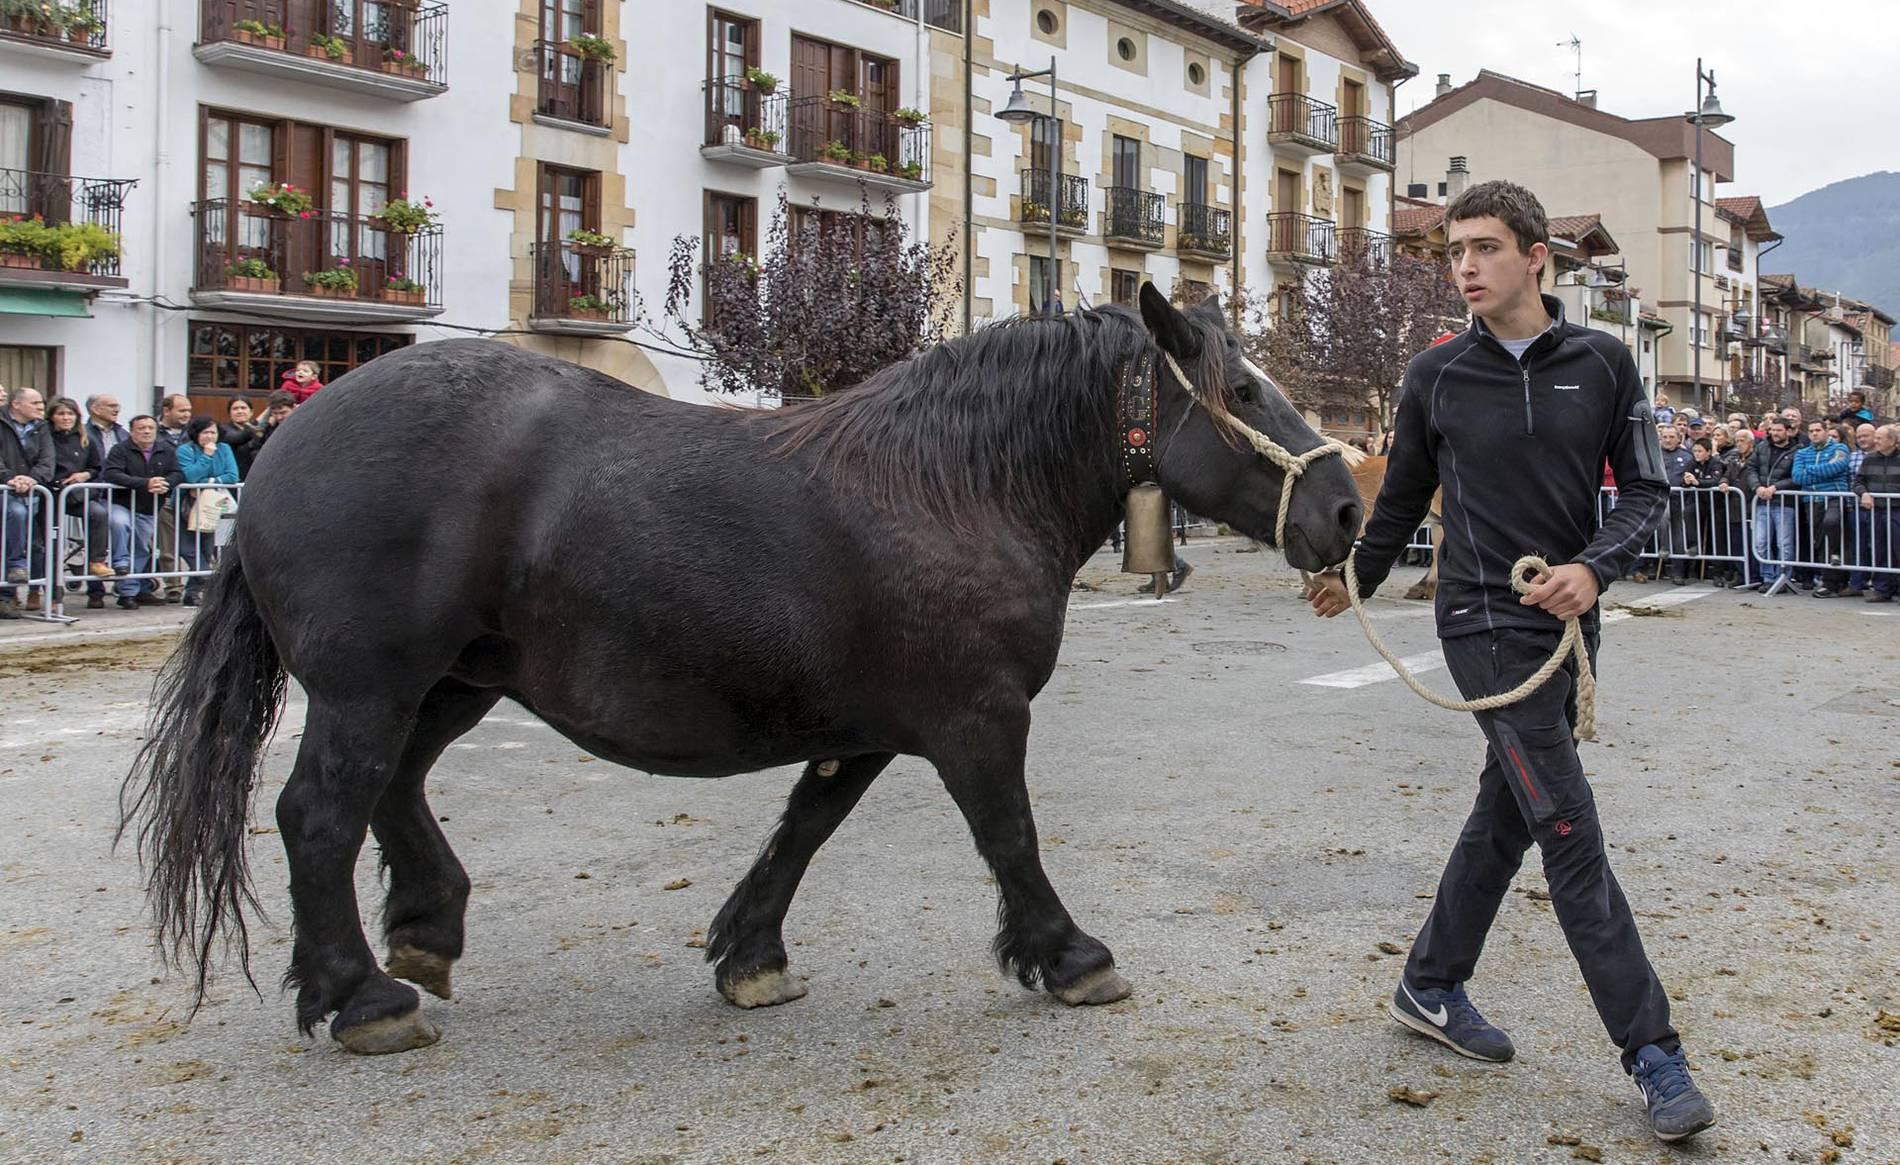 Ferias de Alsasua (1/15) - El tercer domingo de octubre tienen lugar en Alsasua las ferias de ganado - Navarra -